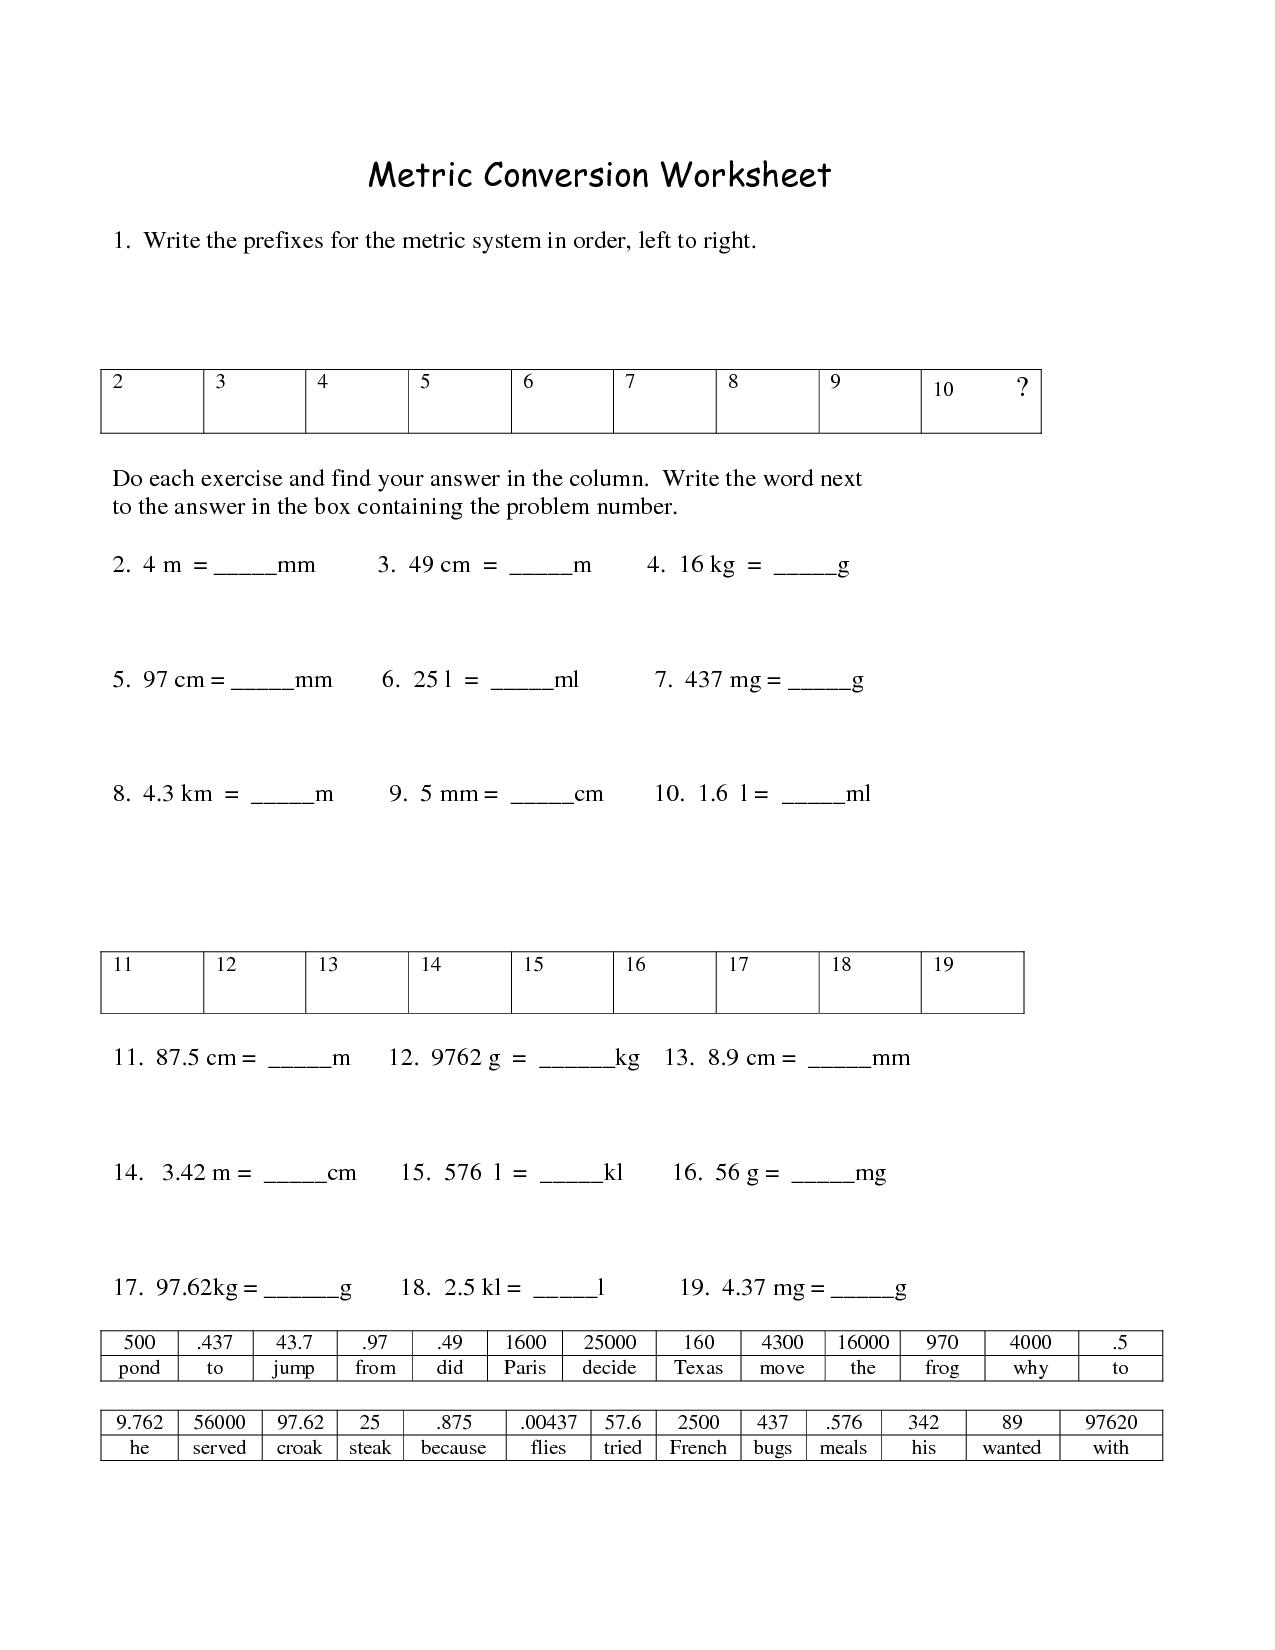 Chemistry Metric Conversion Worksheet